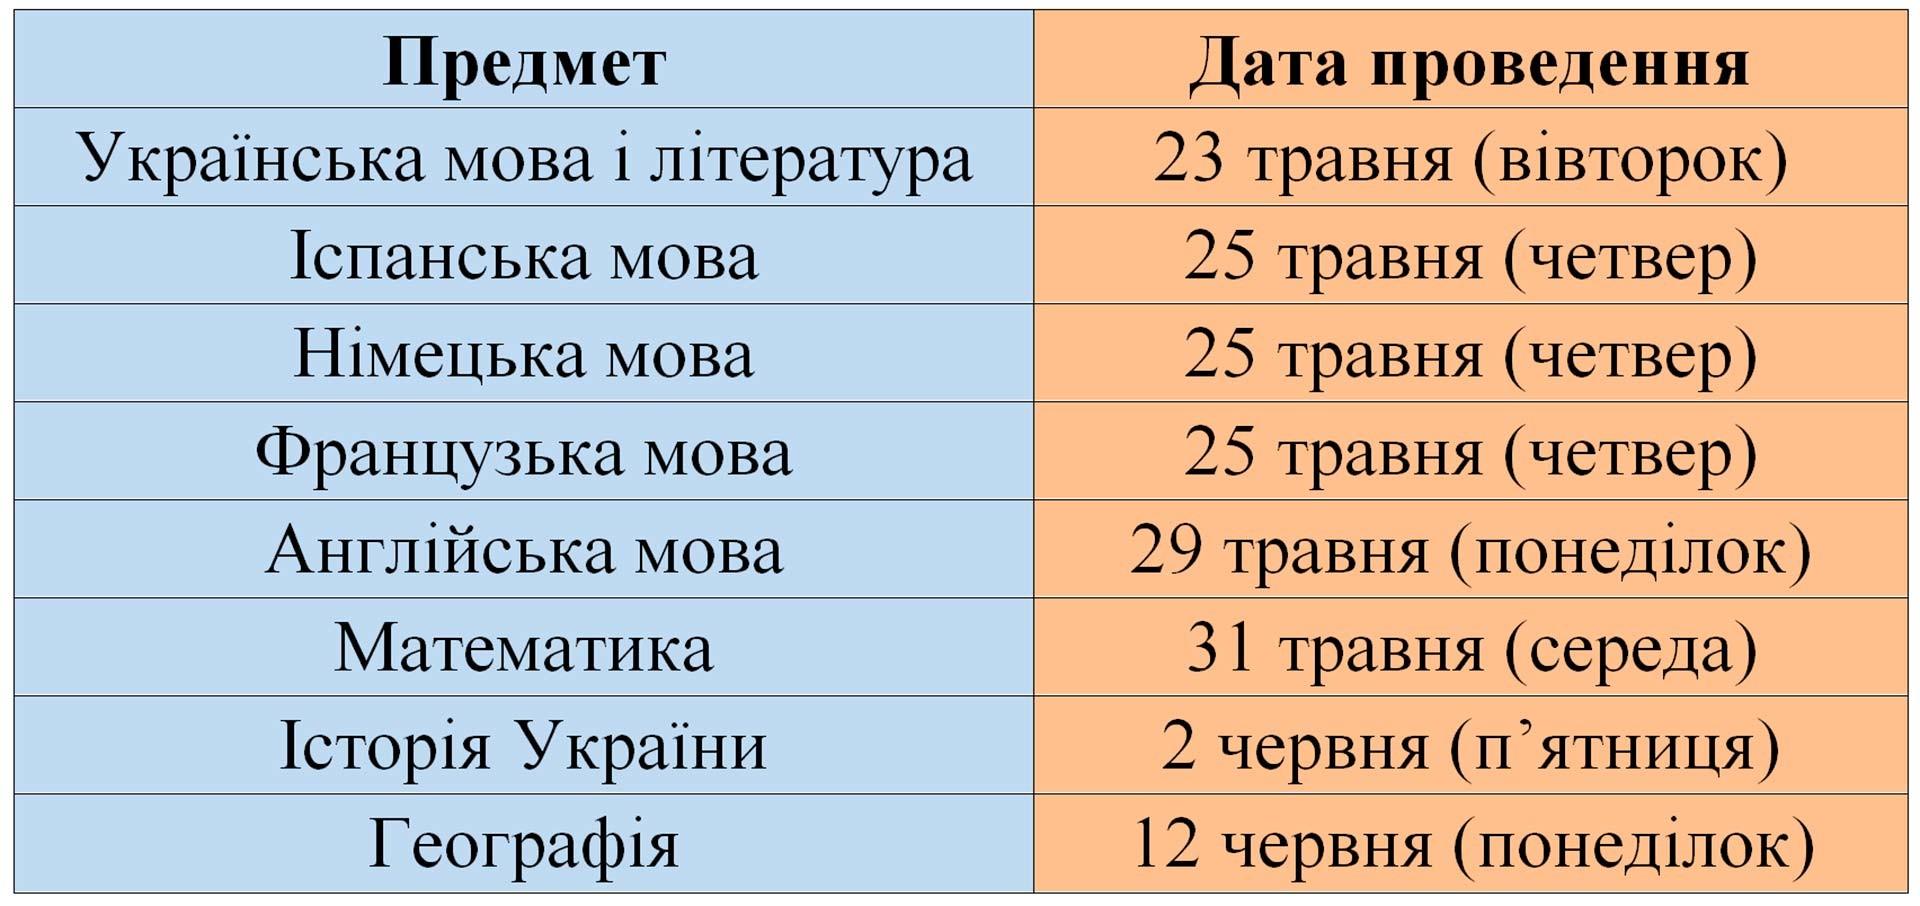 Графік проведення ЗНО у 2017р.